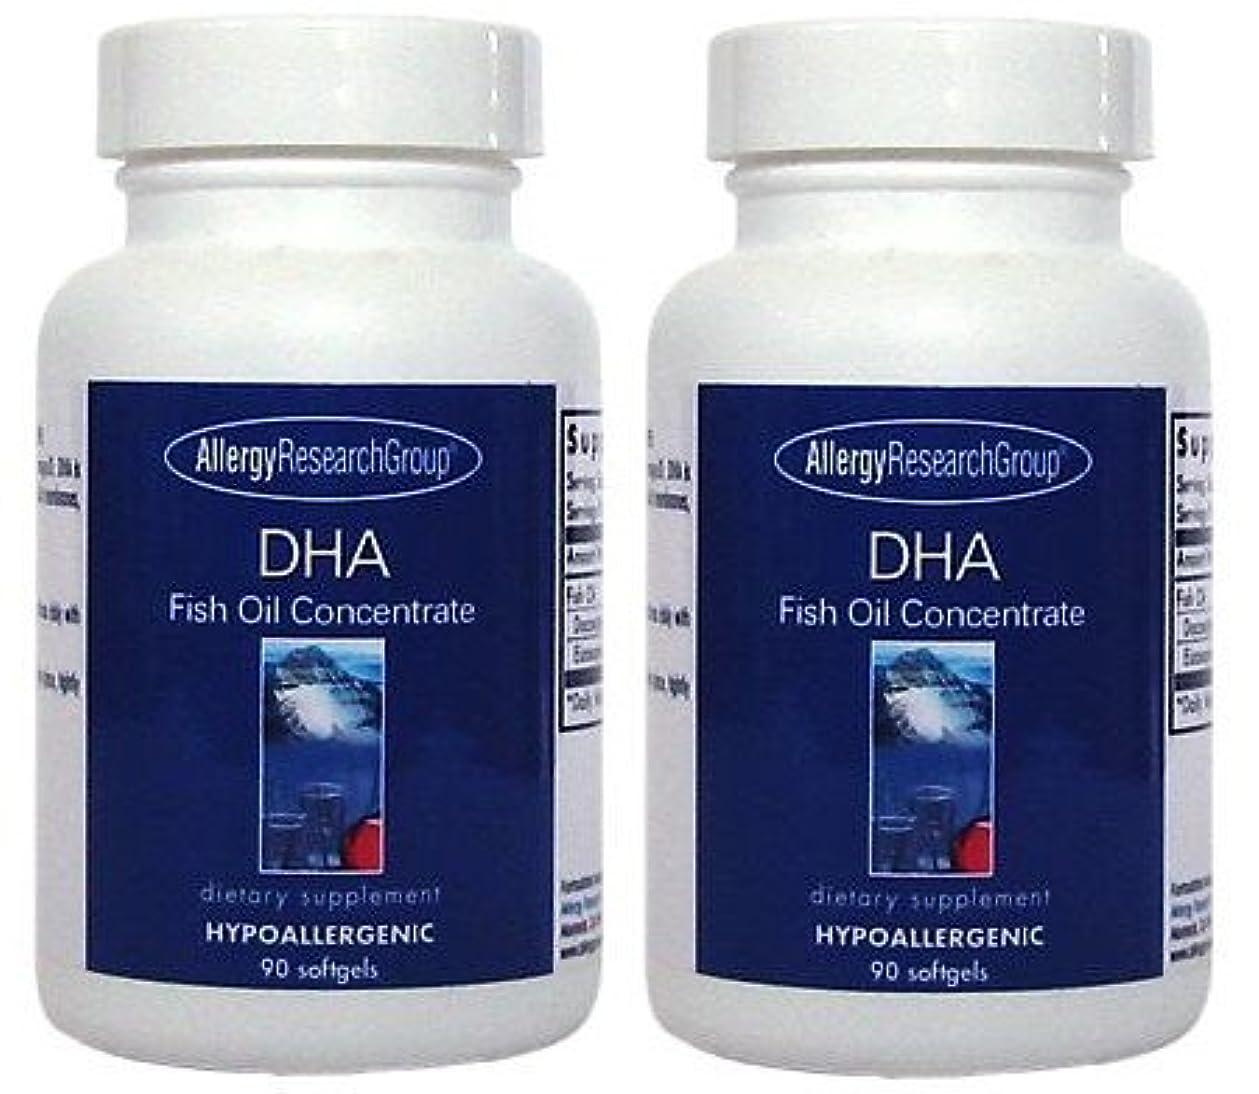 陸軍検索エンジン最適化悪化させるDHA & EPA (DHA Fish Oil Concentrate 90 Softgels ) [海外直送品] 2ボトル